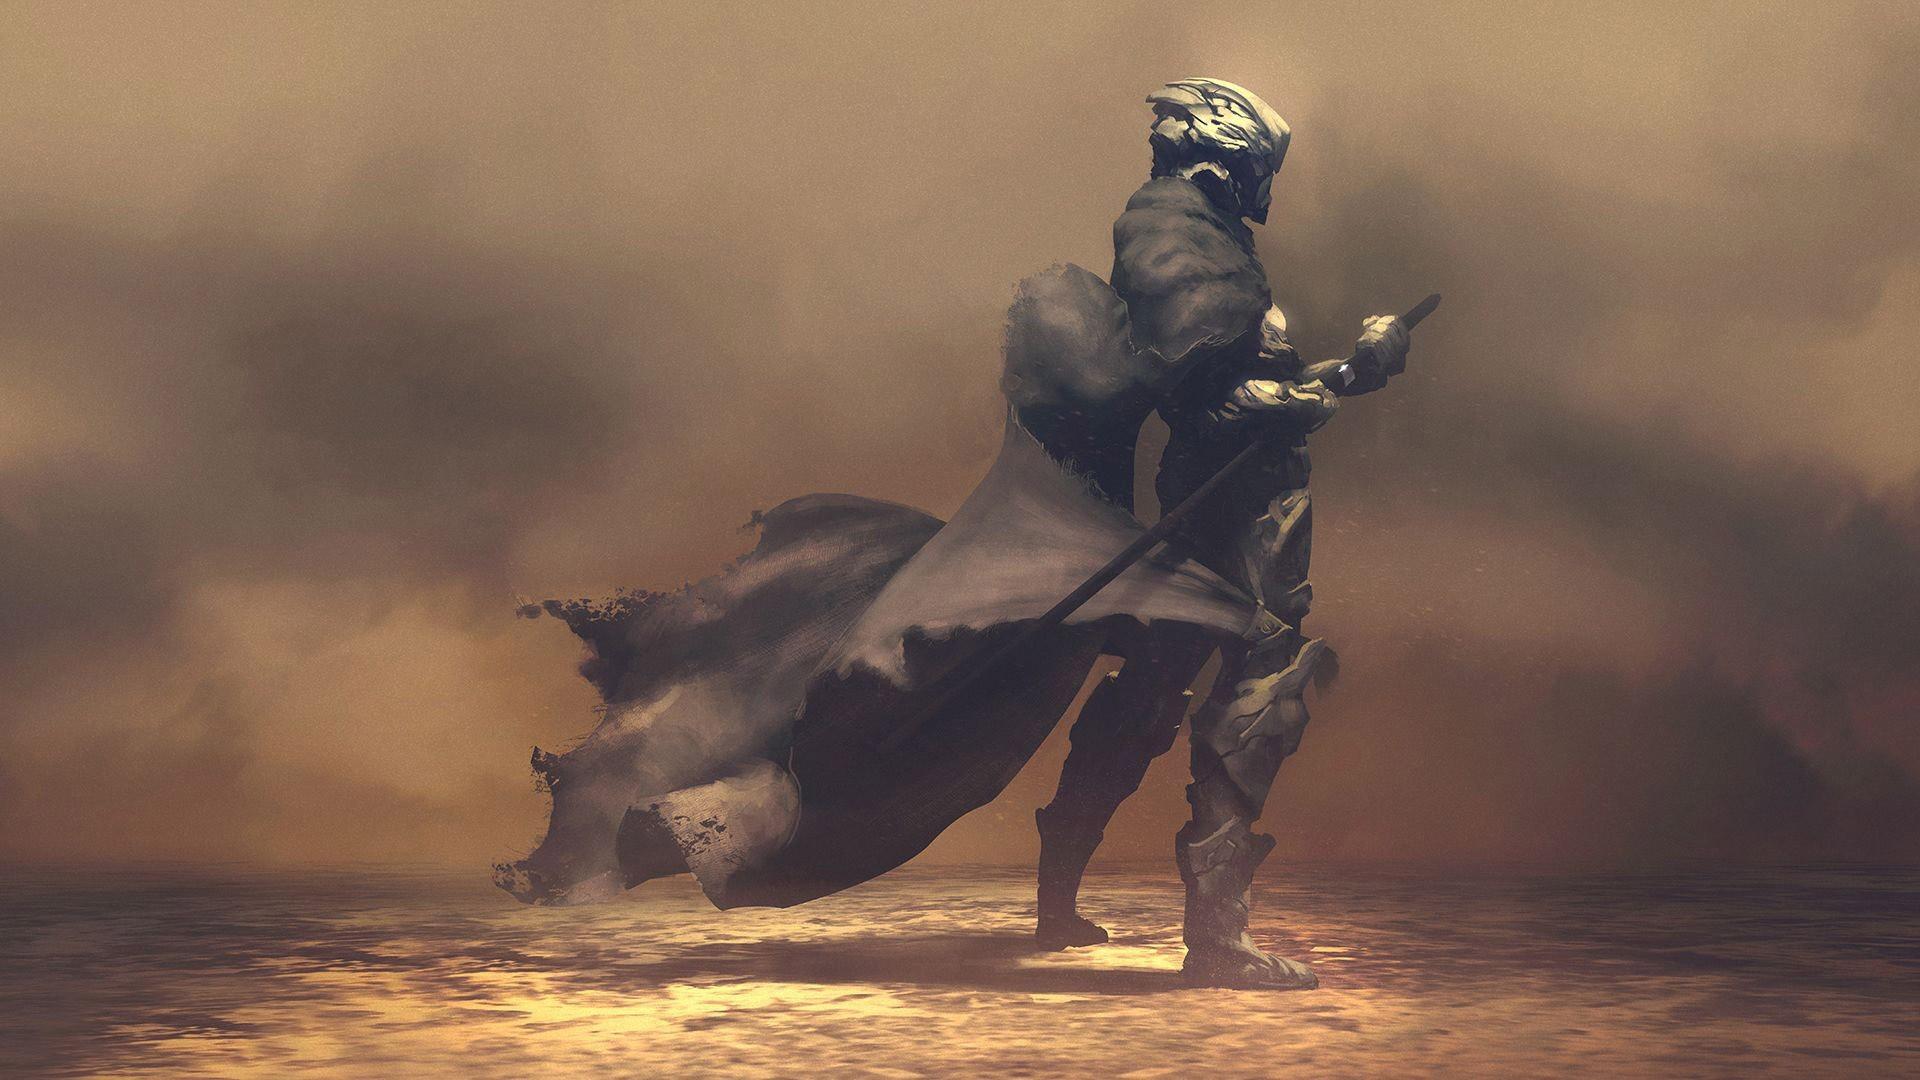 Res: 1920x1080, Futuristic Samurai in Smoke Wallpaper